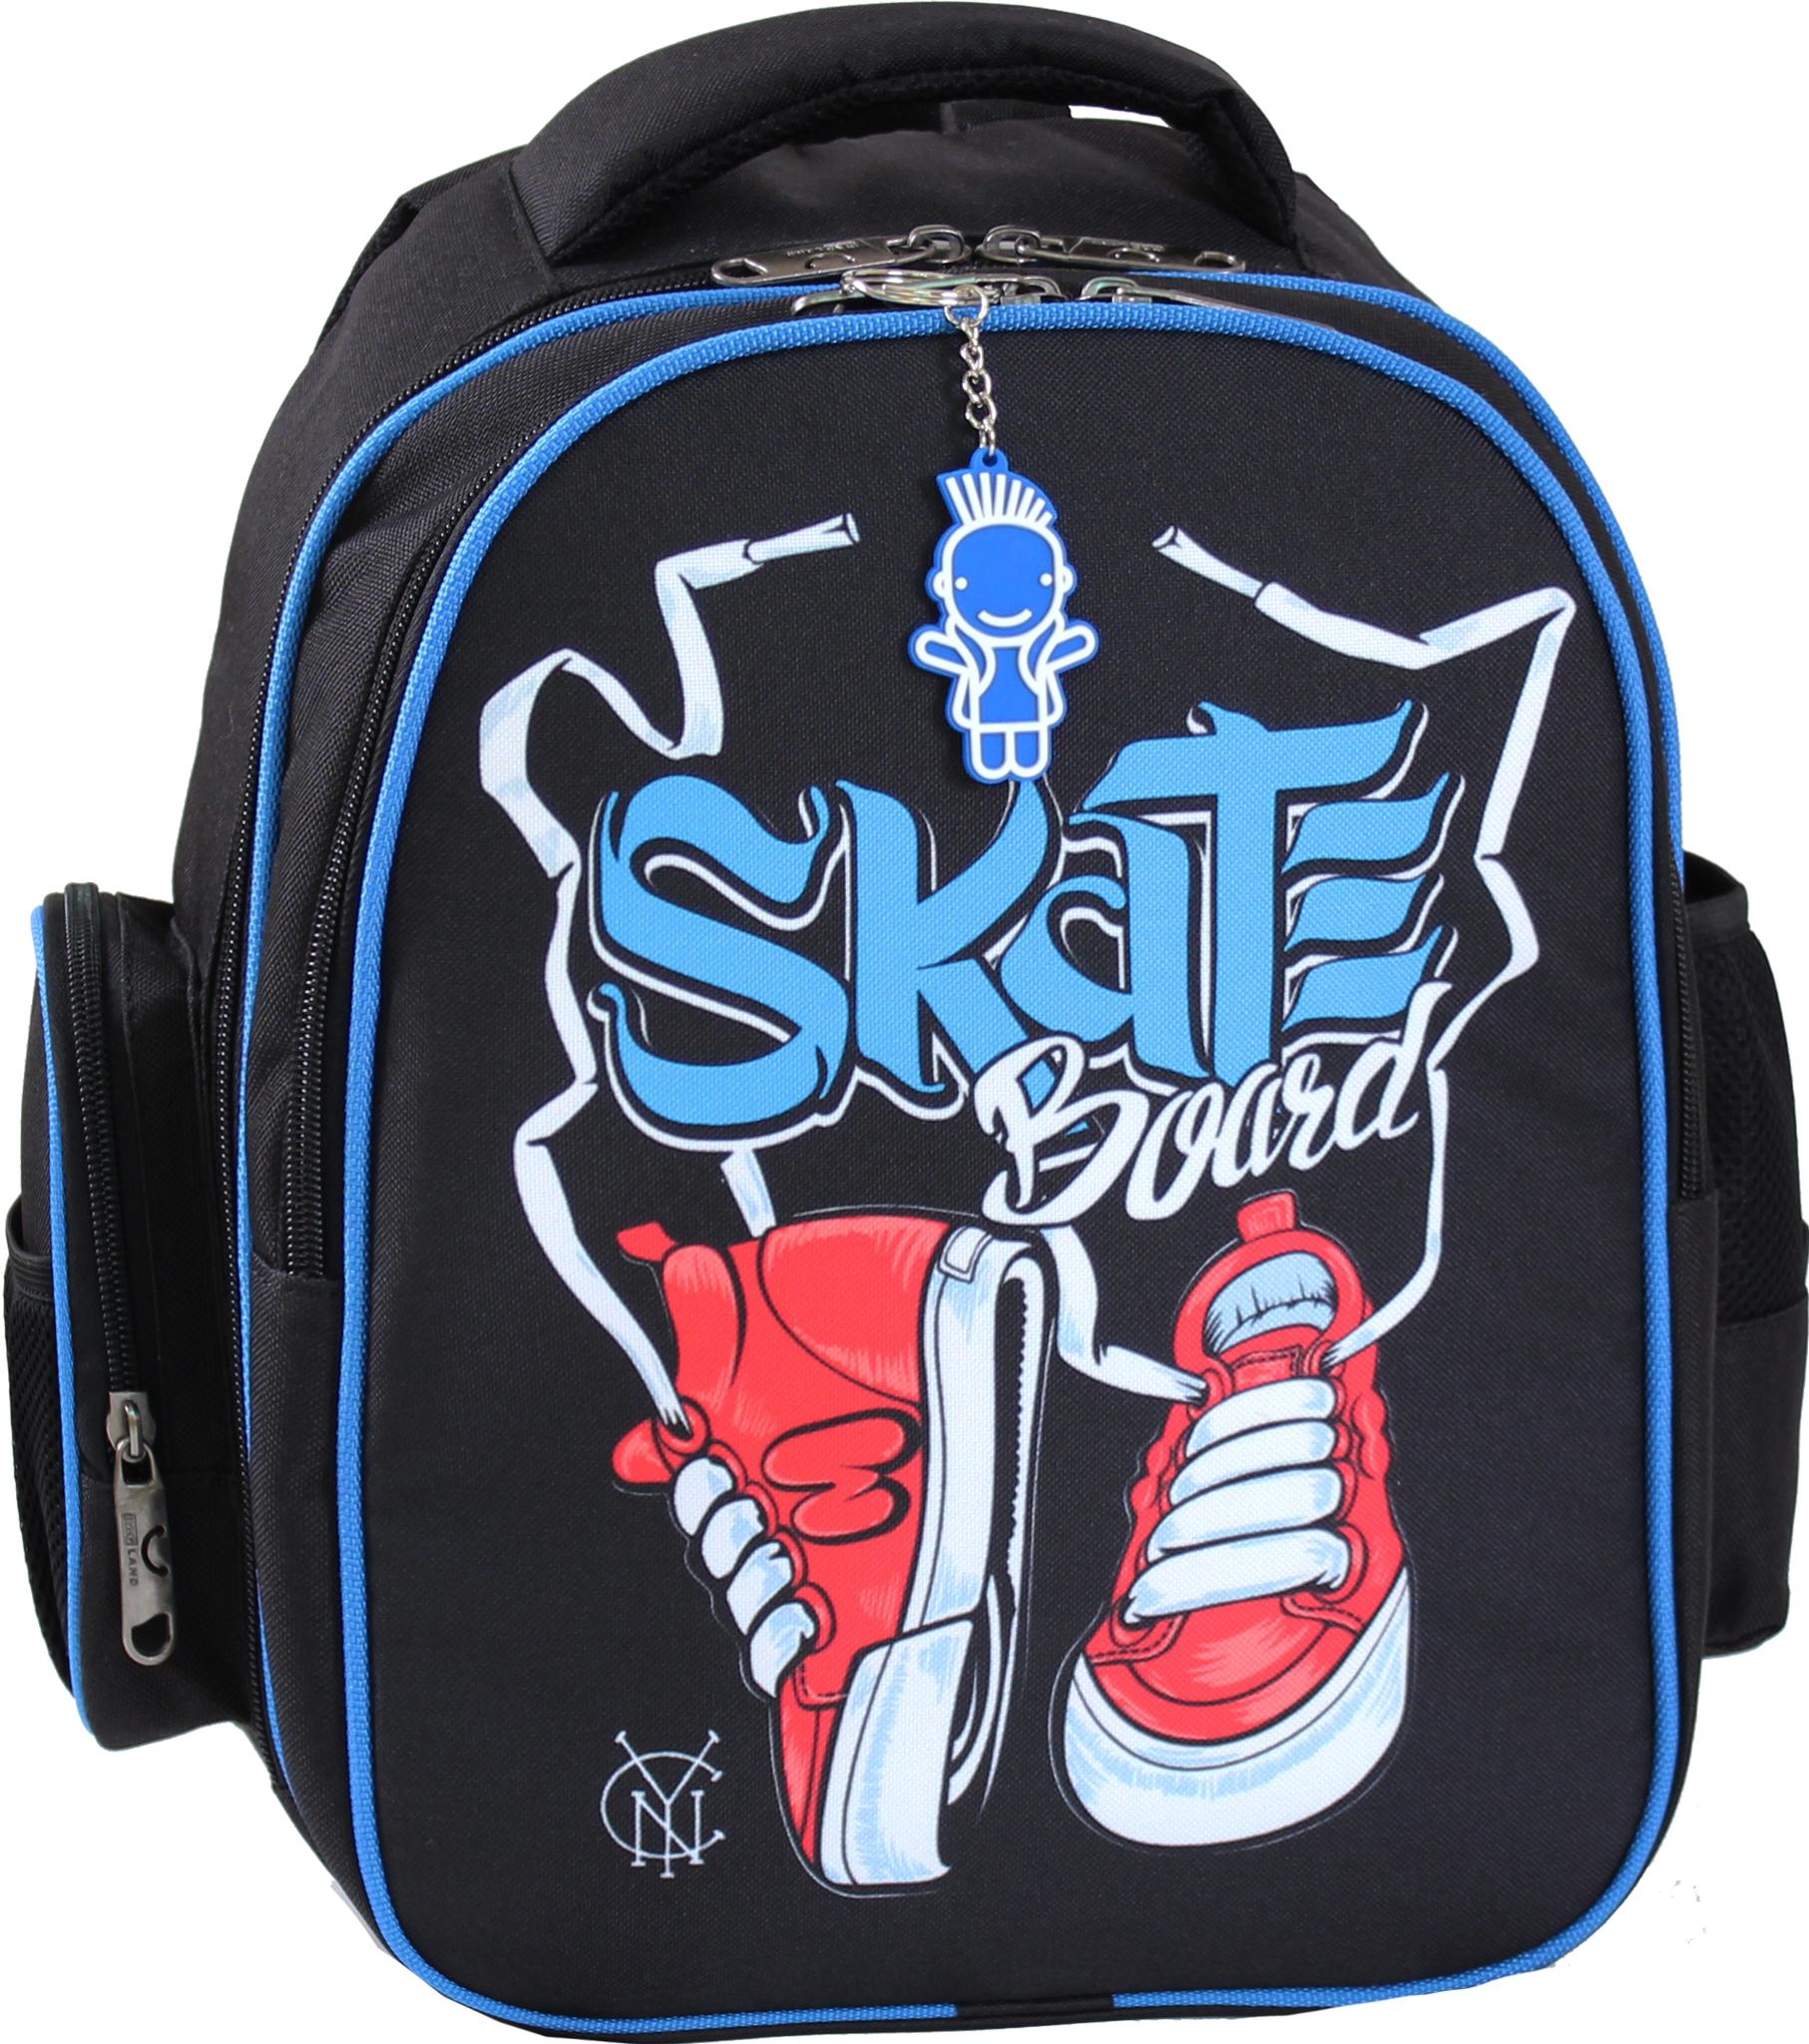 Школьные рюкзаки Рюкзак Bagland Pupil 14 л. черный 201 К (0012566) IMG_9970.JPG